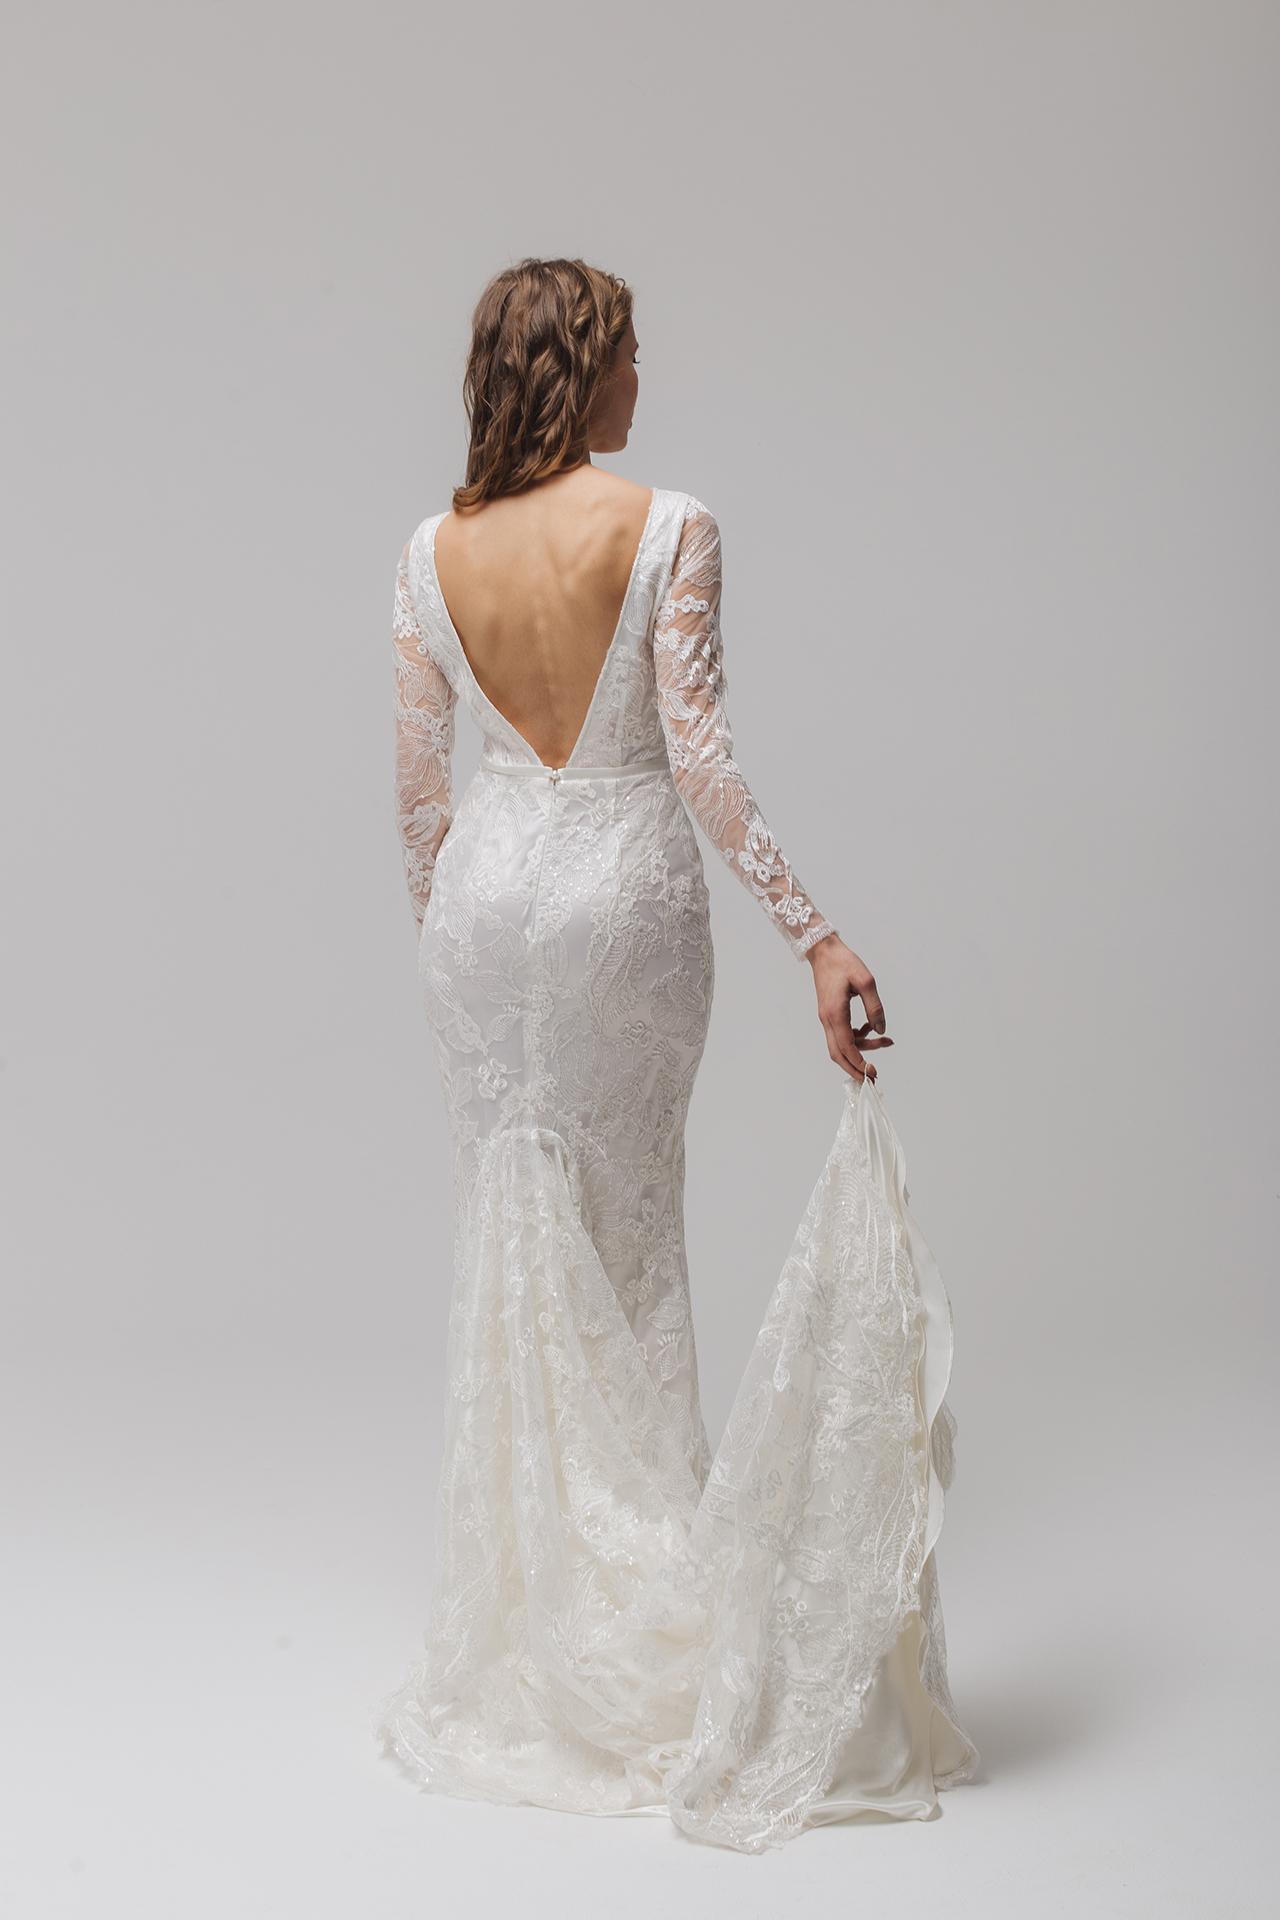 Spitze Brautkleid im Meerjungfrau-Schnitt,Hochzeitskleid ...